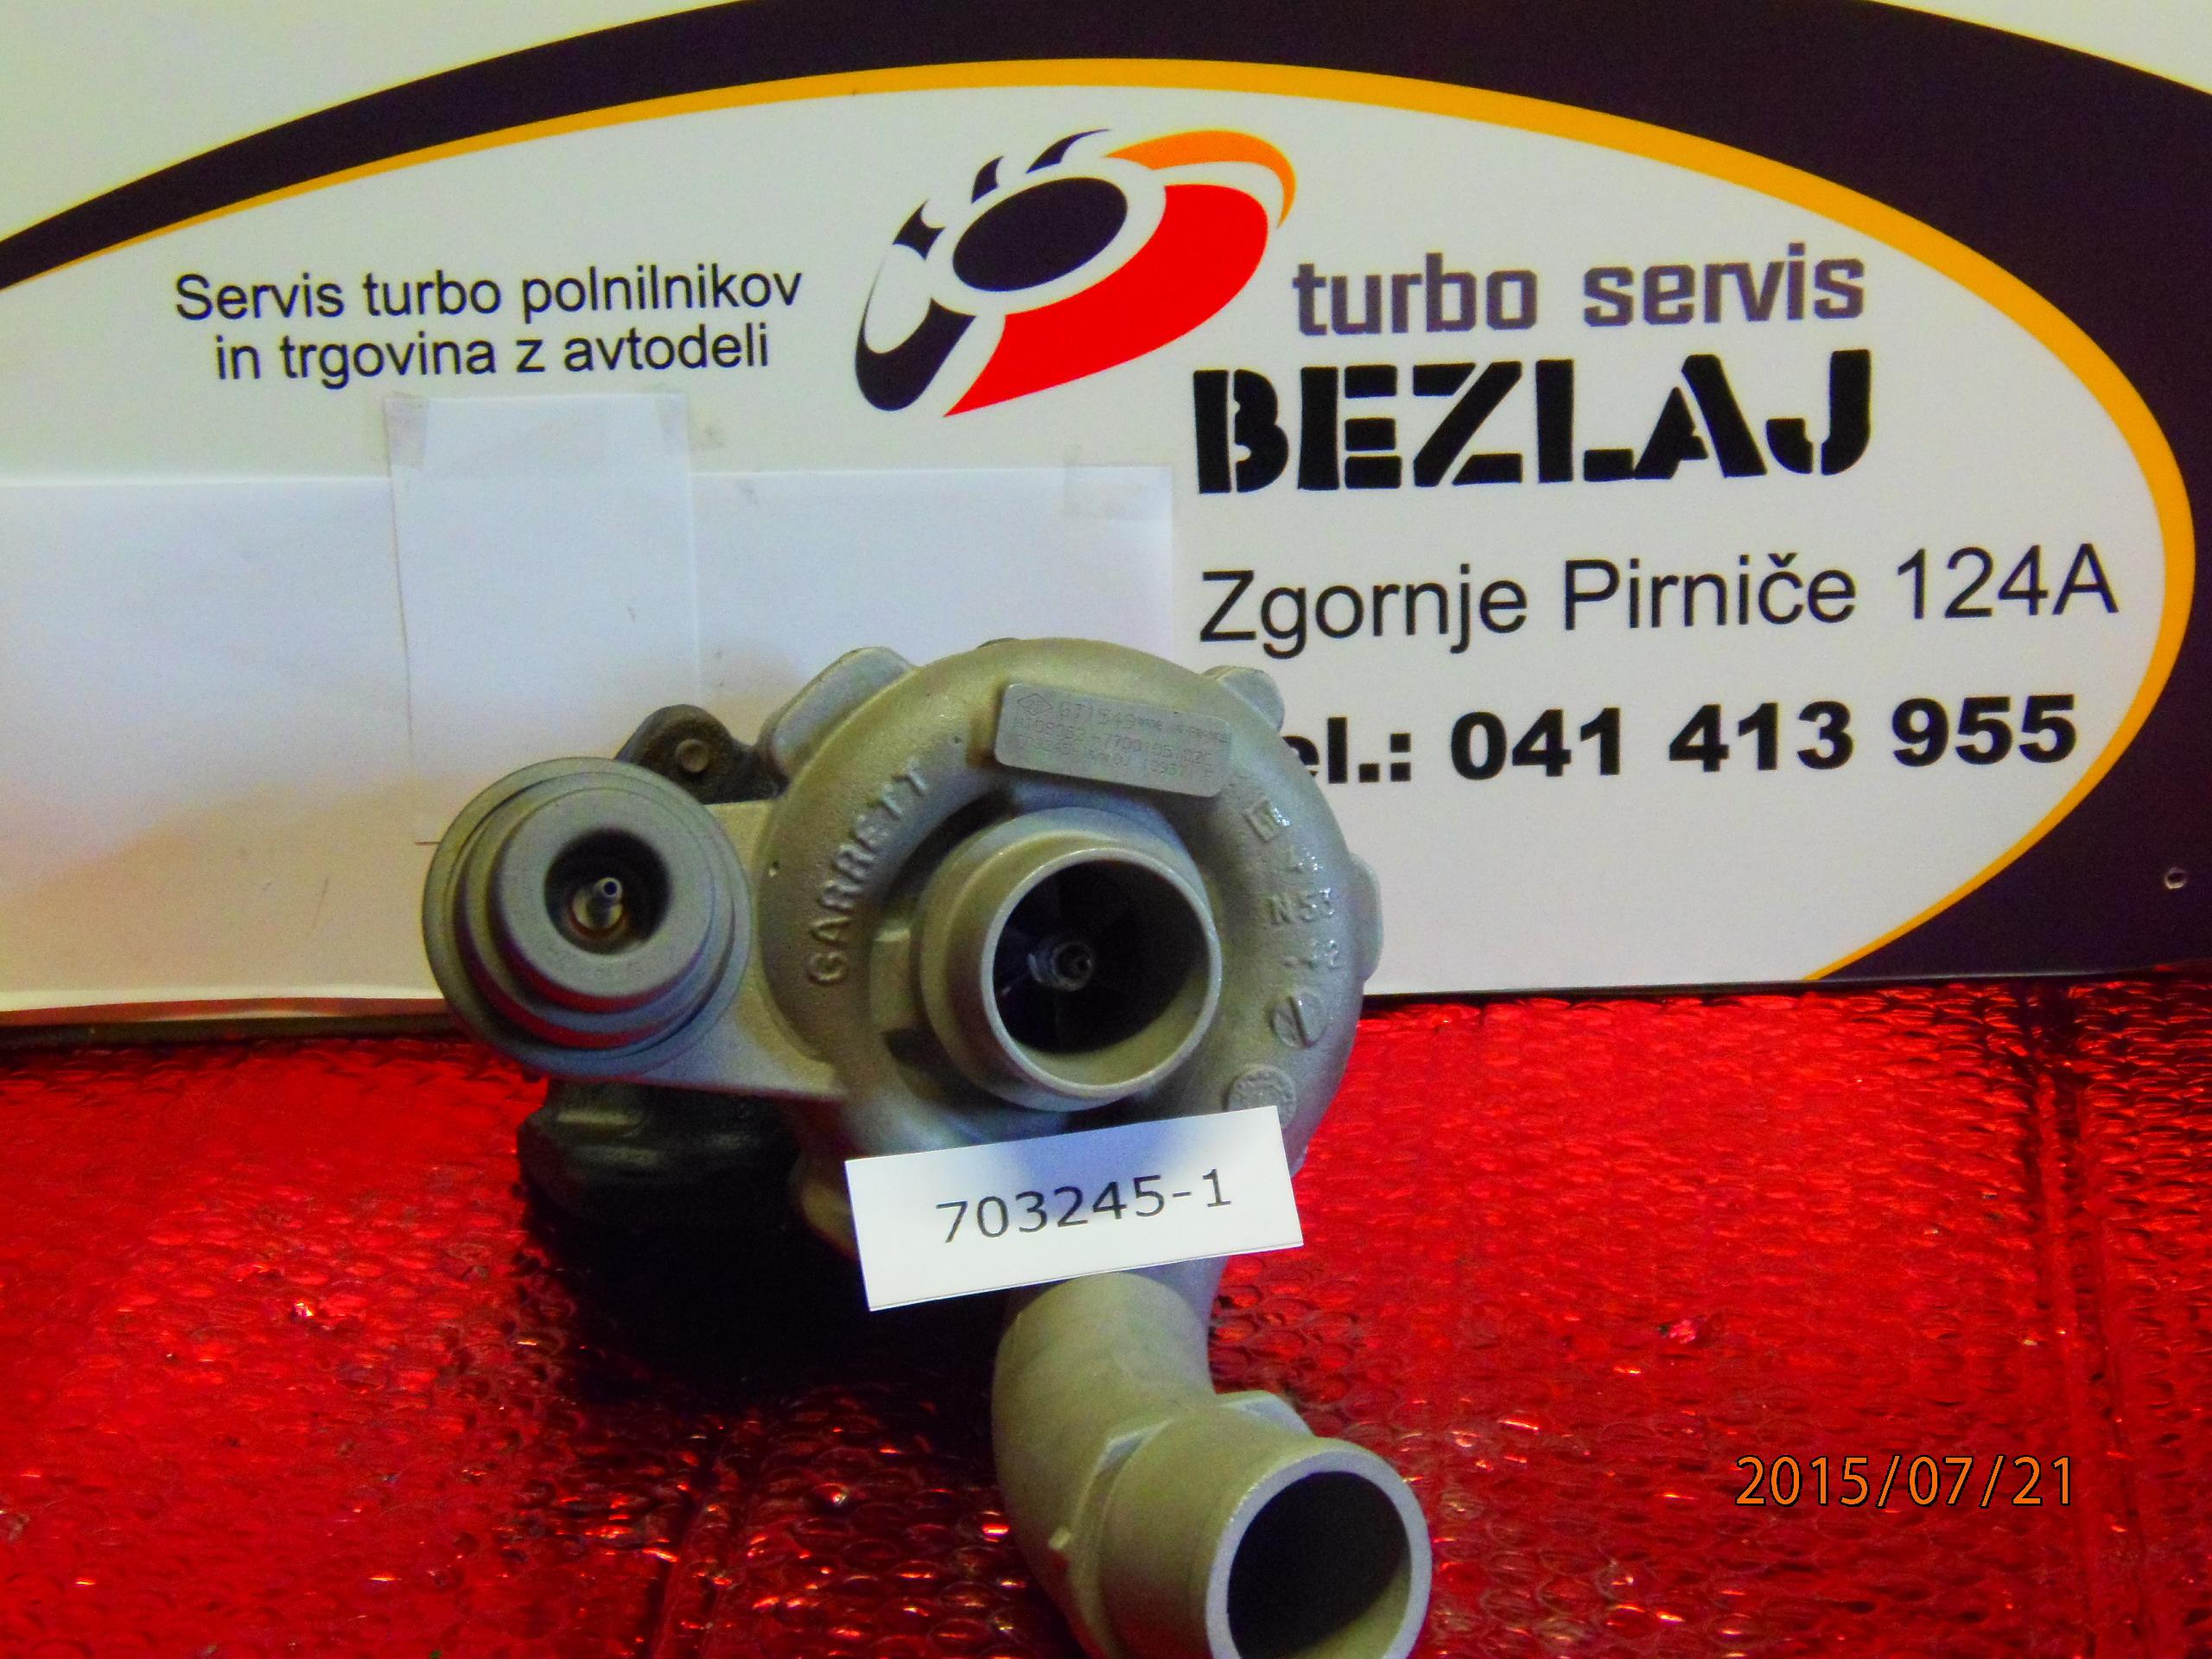 turbo703245-1 (3)